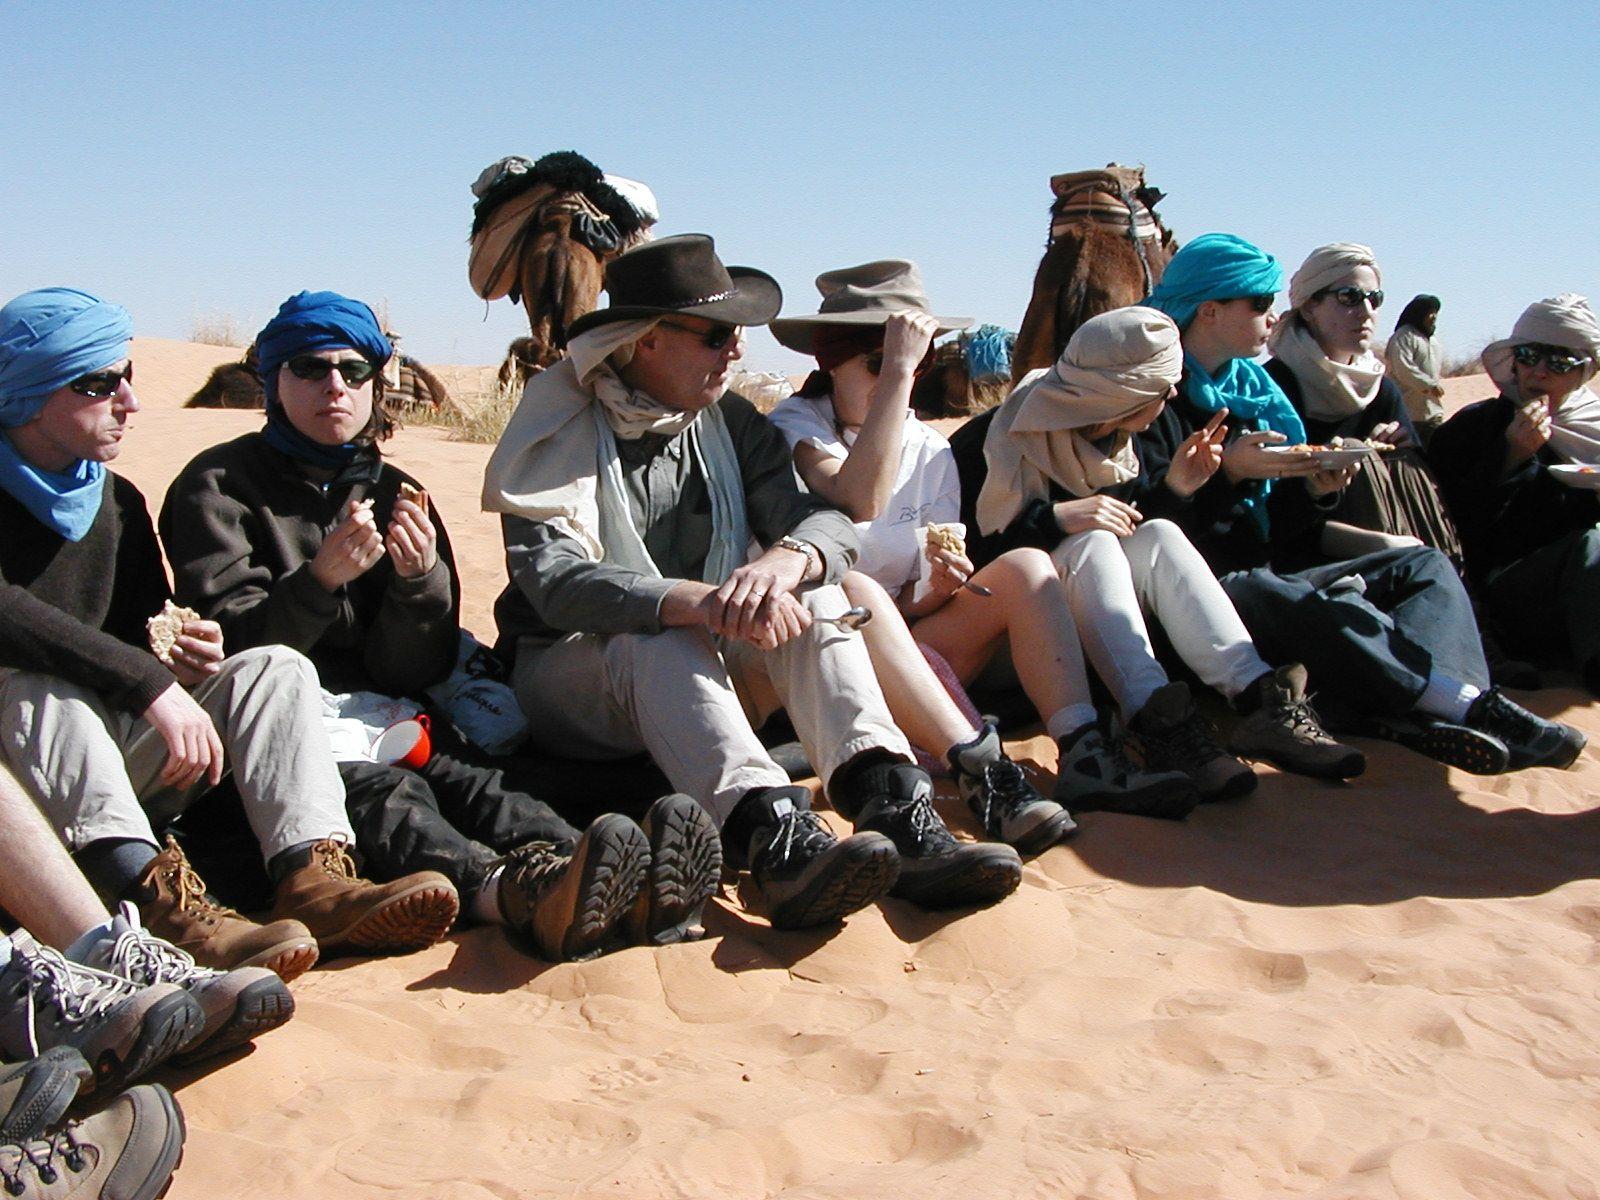 Nuestro viaje de senderismo de fin de año en el Sur de Túnez.  http://www.rutaspangea.com/excursiones-rutas/47/253/senderismo-por-el-desierto-tunecino